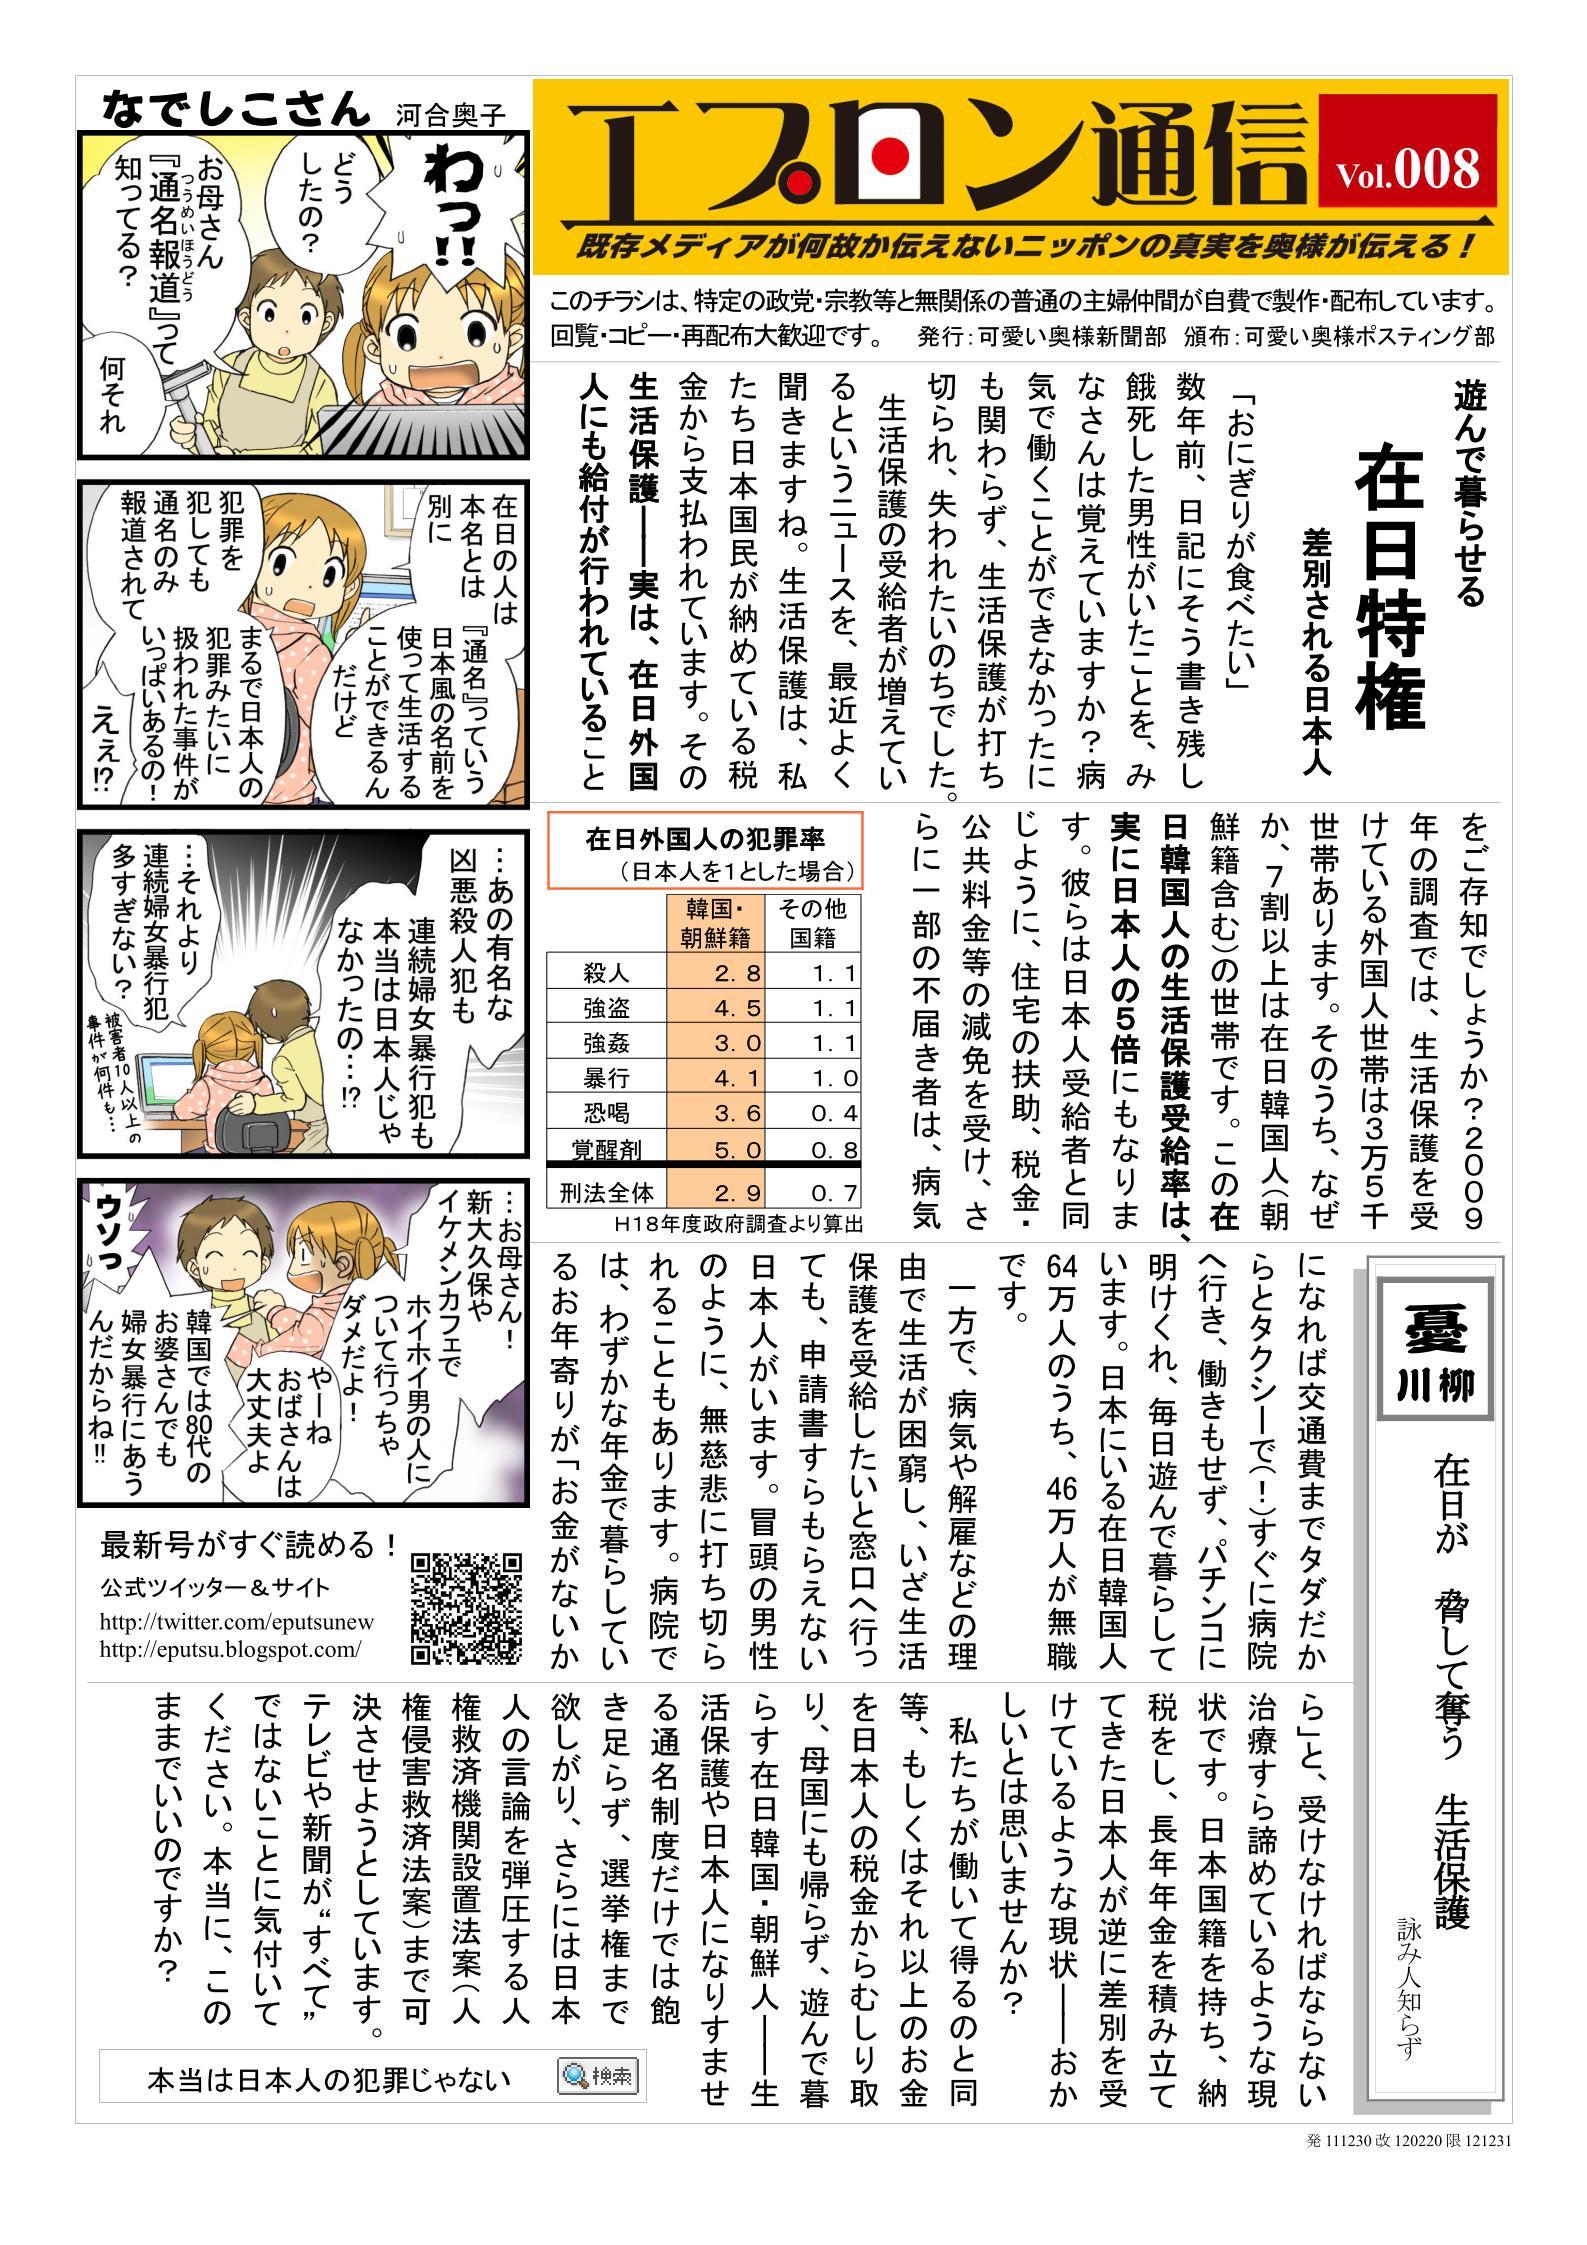 【経済】新興国の雄・中国と欧州の盟主・ドイツ、じわじわ強まる経済関係 [06/02]